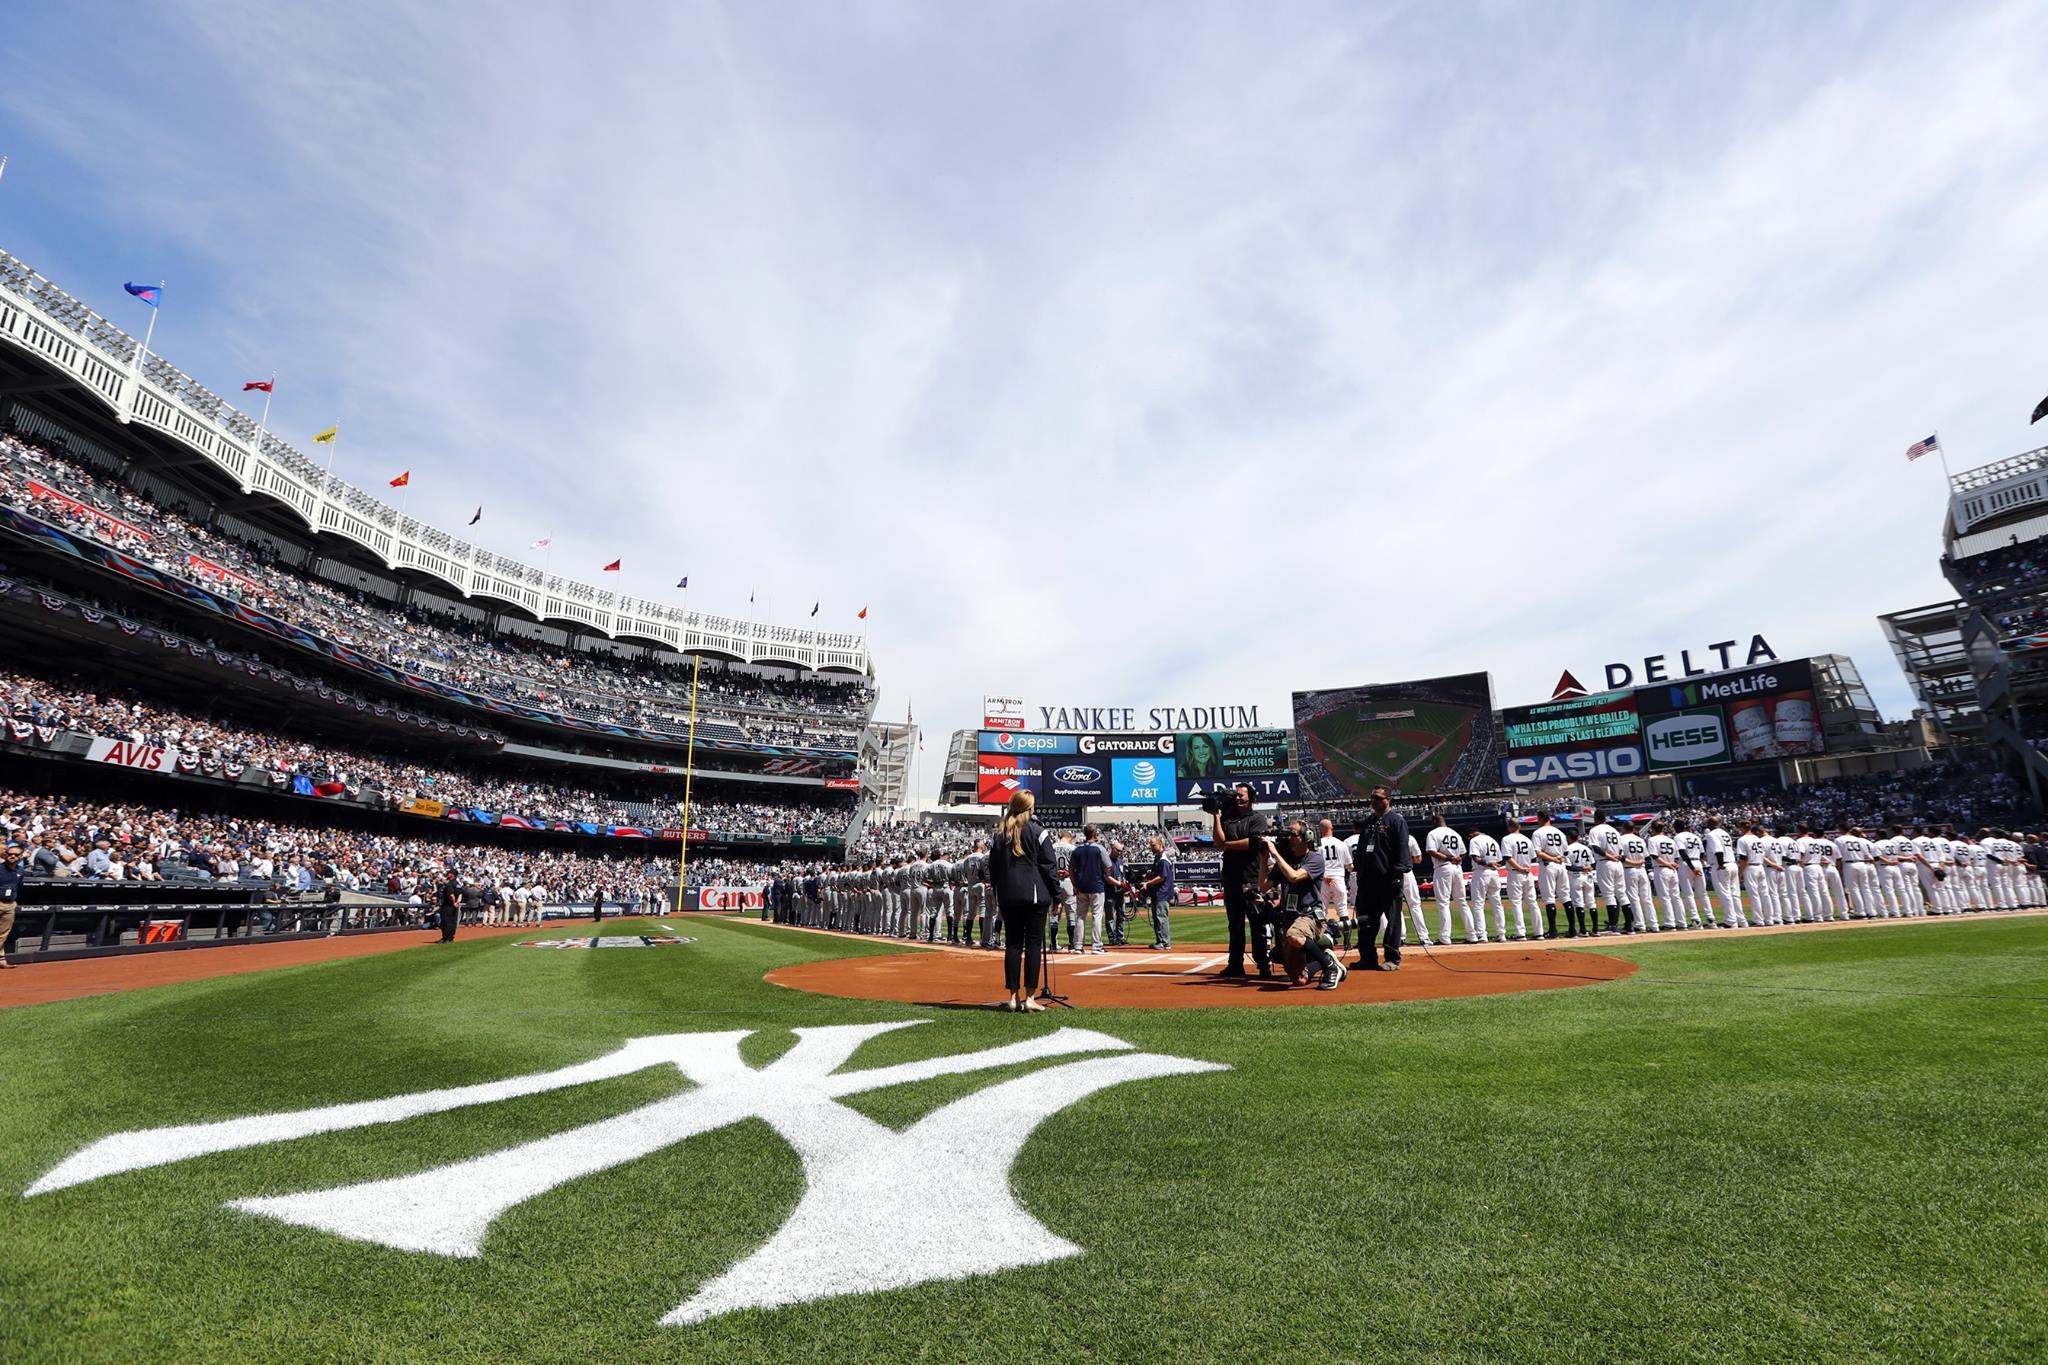 New York Yankees tem menor folha de pagamento desde 2003